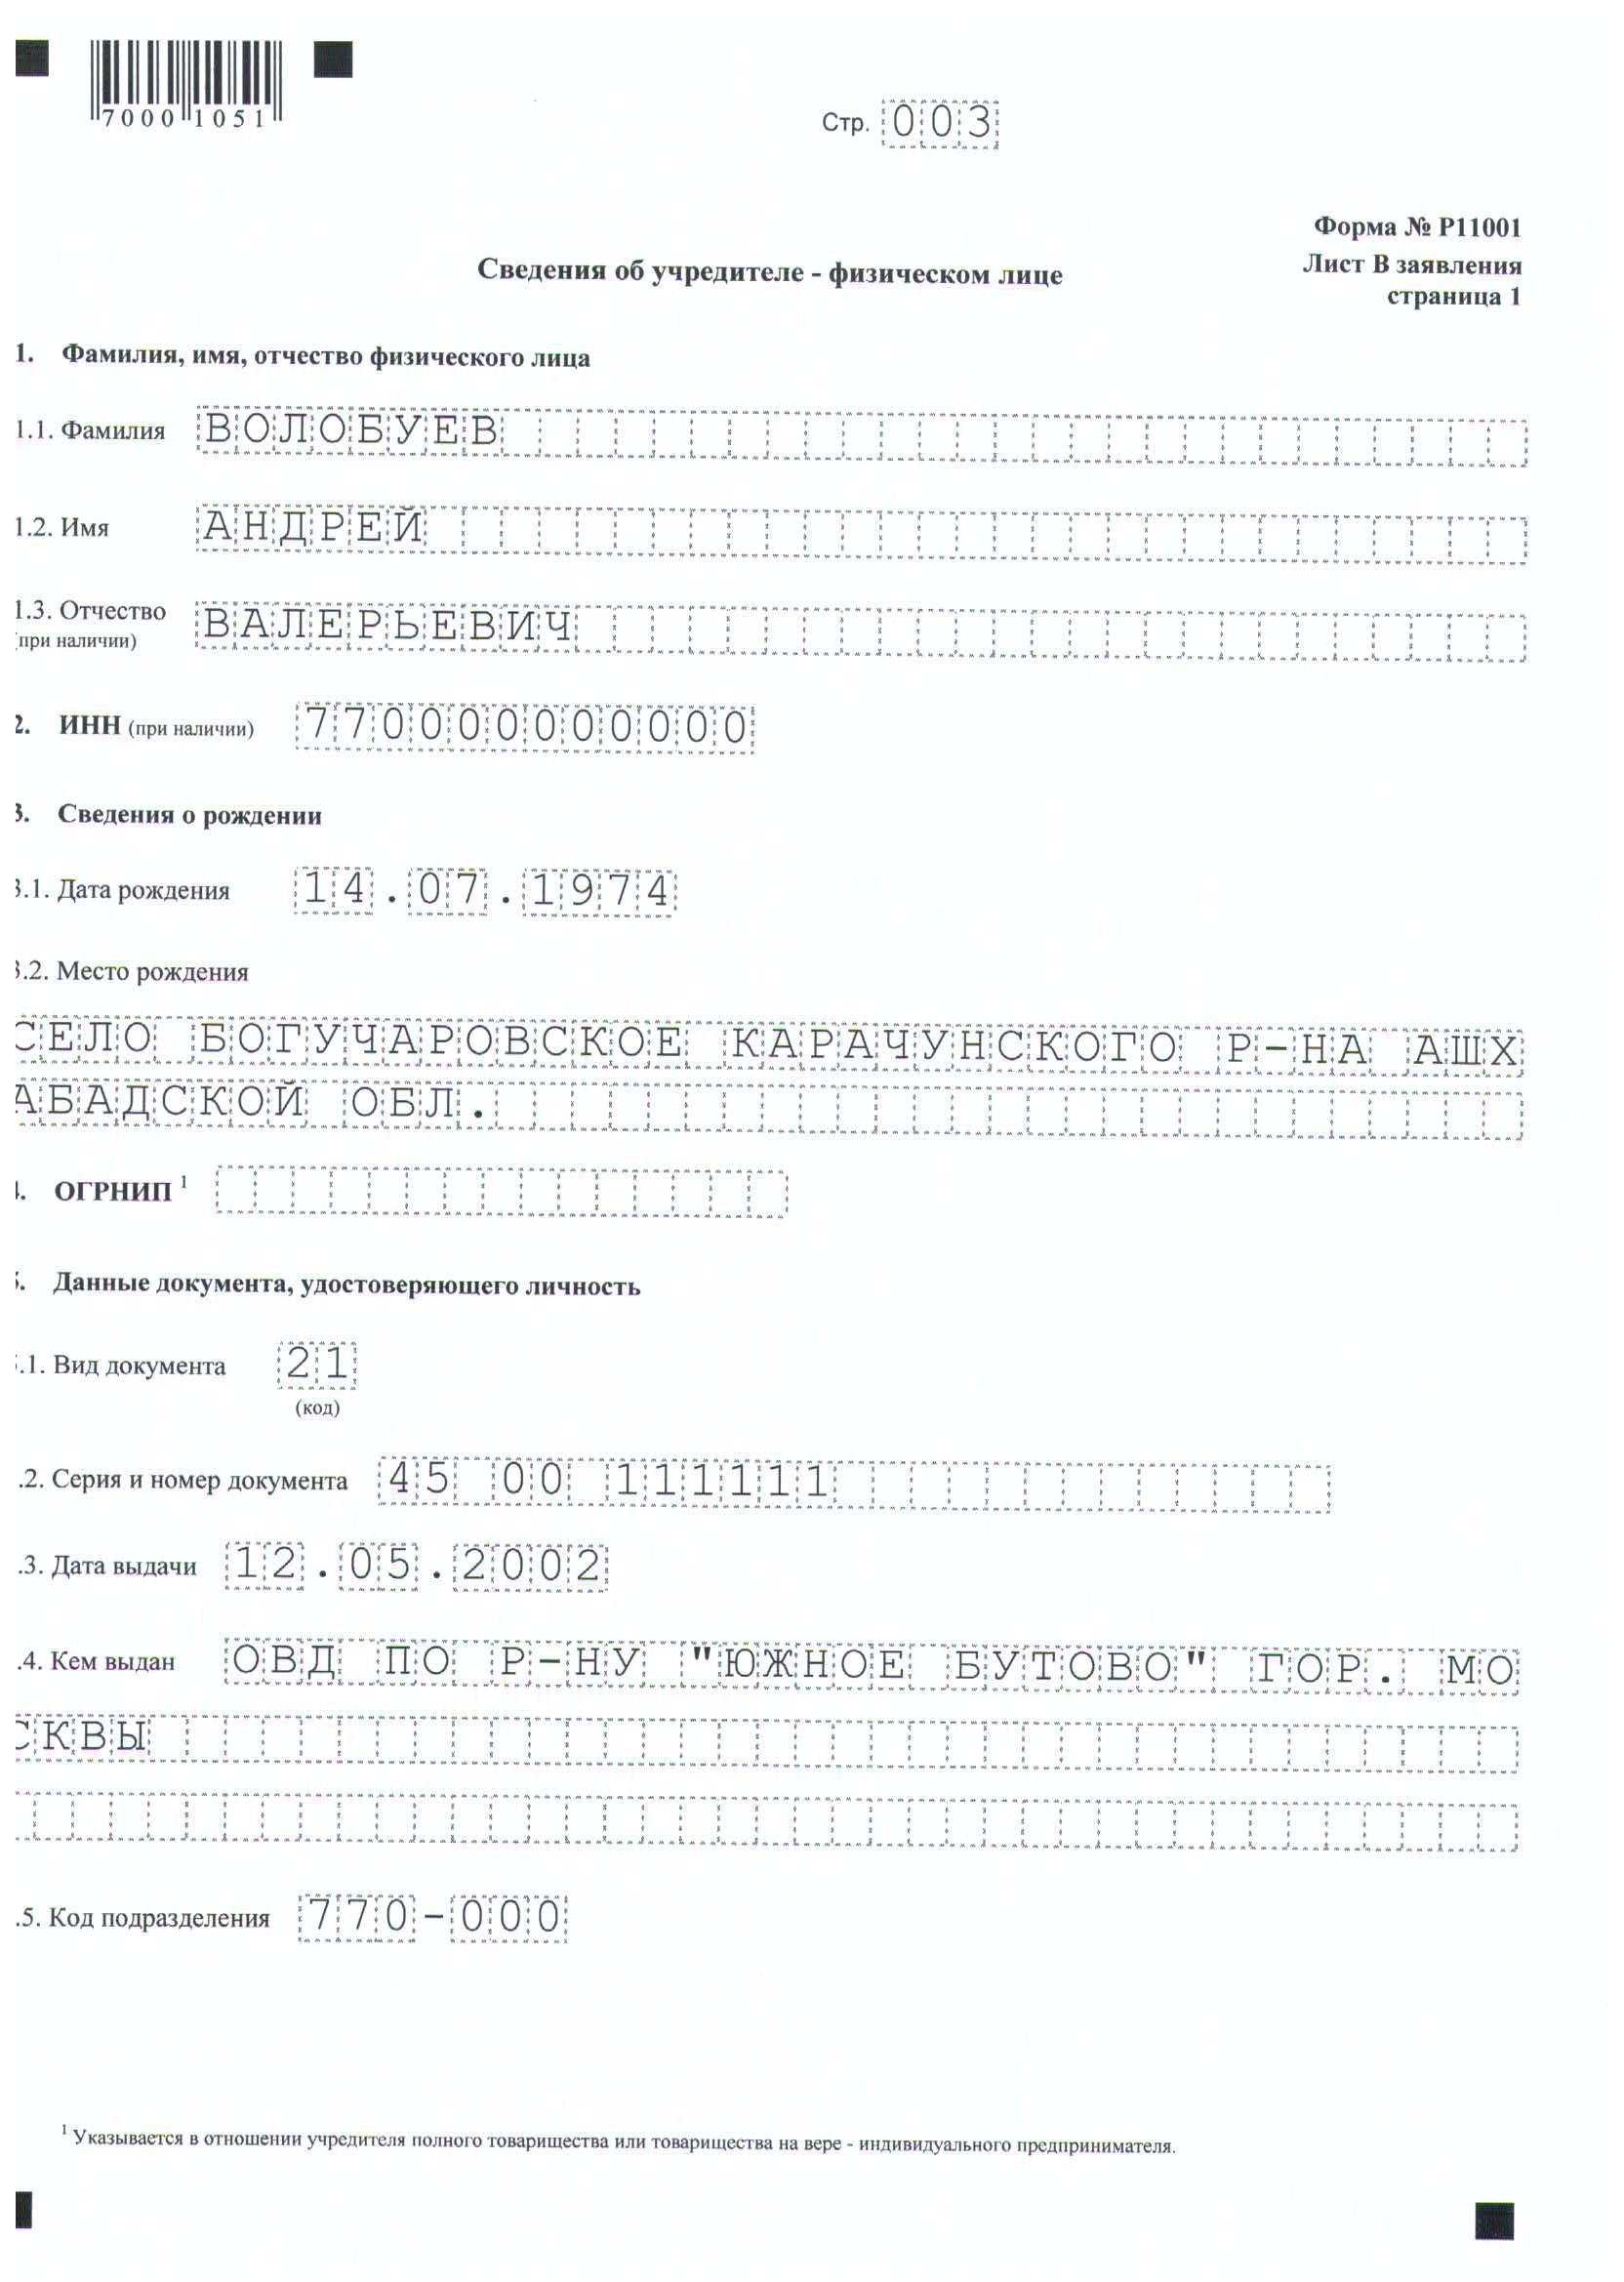 Образец заявления о регистрации ооо 2 учредителя заявление в налоговую службу для регистрации ооо